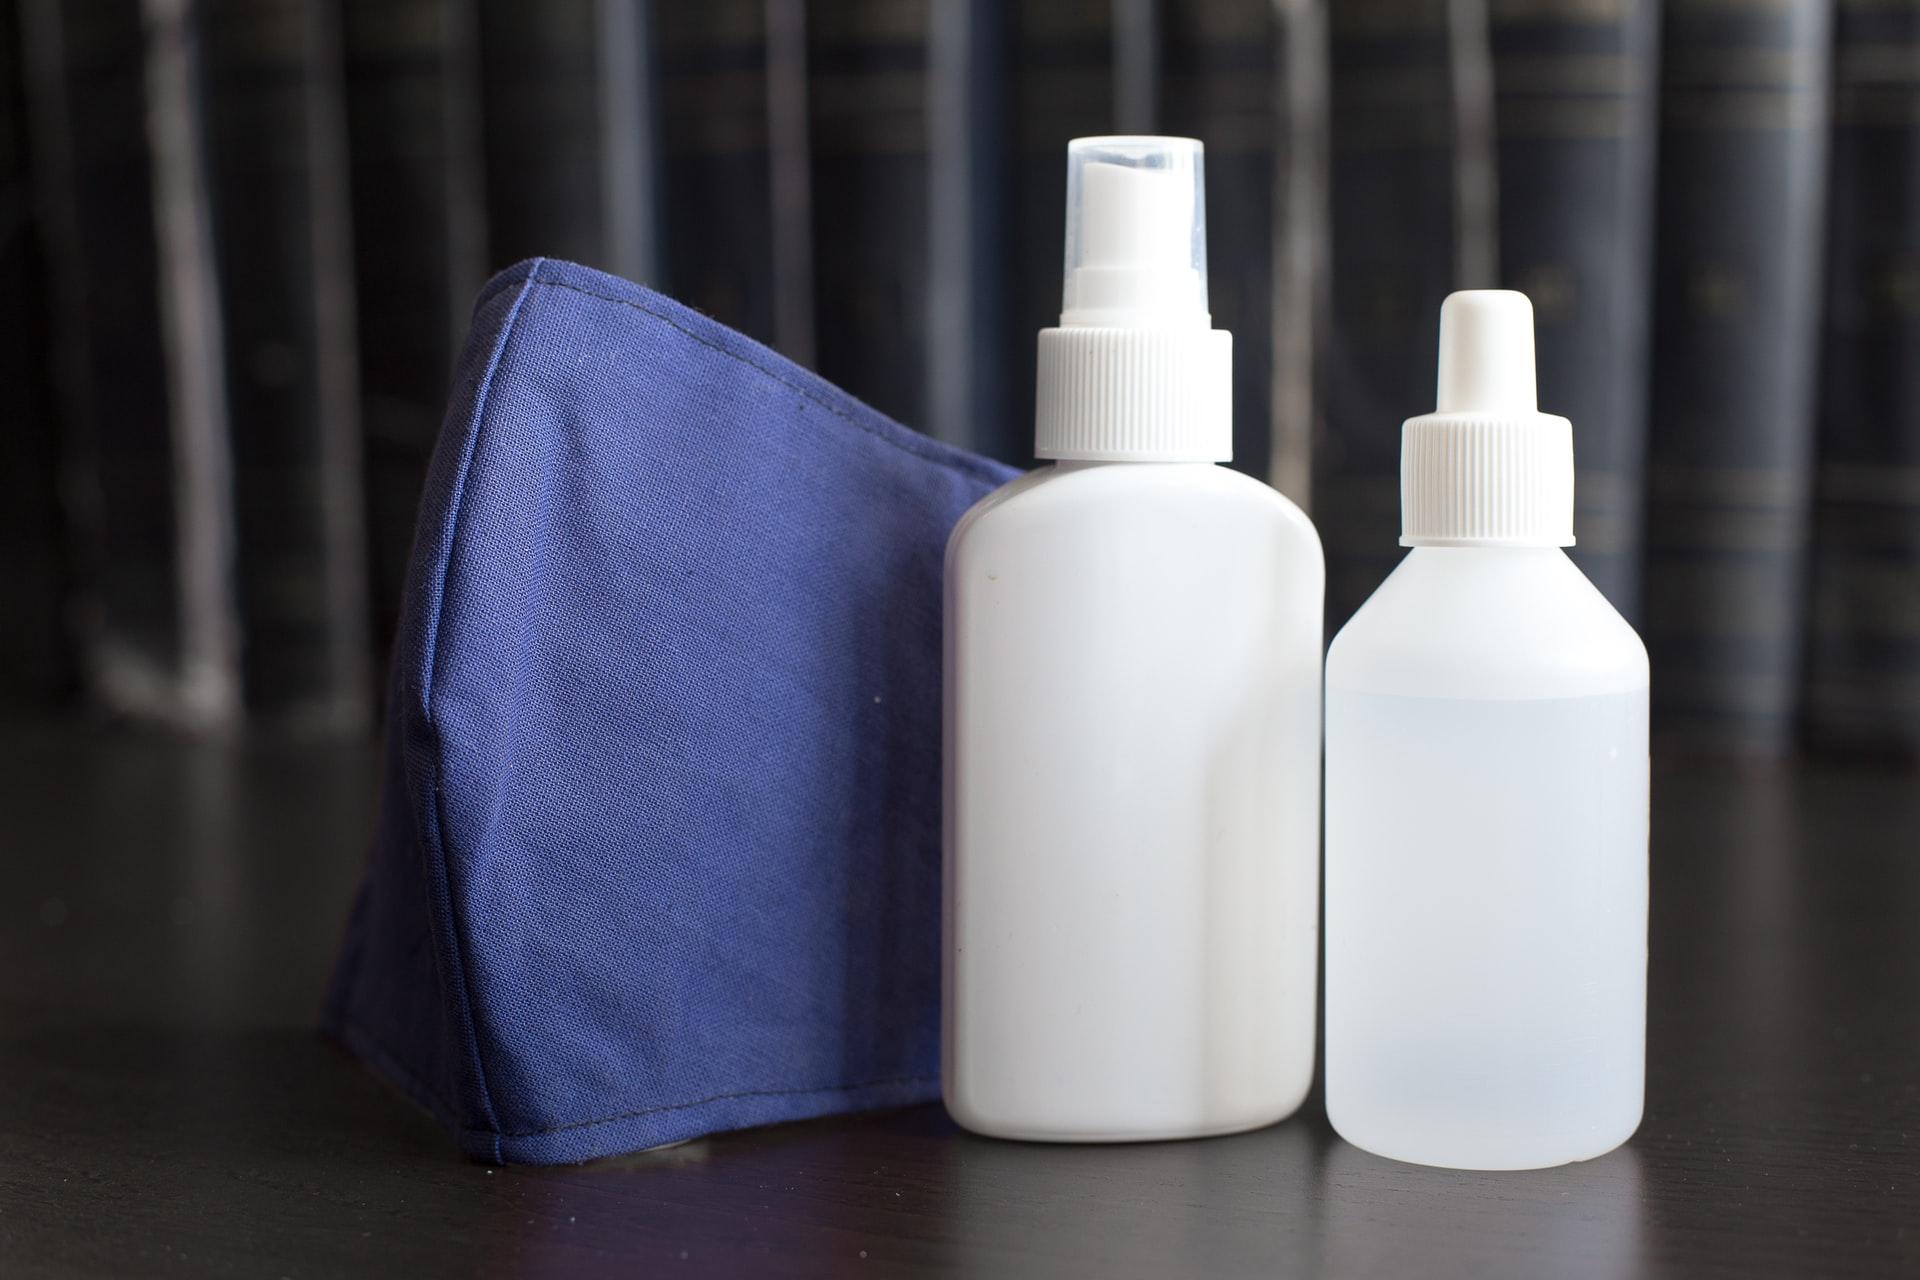 Twee flessen met schoonmaakspray en een schoonmaakdoek.